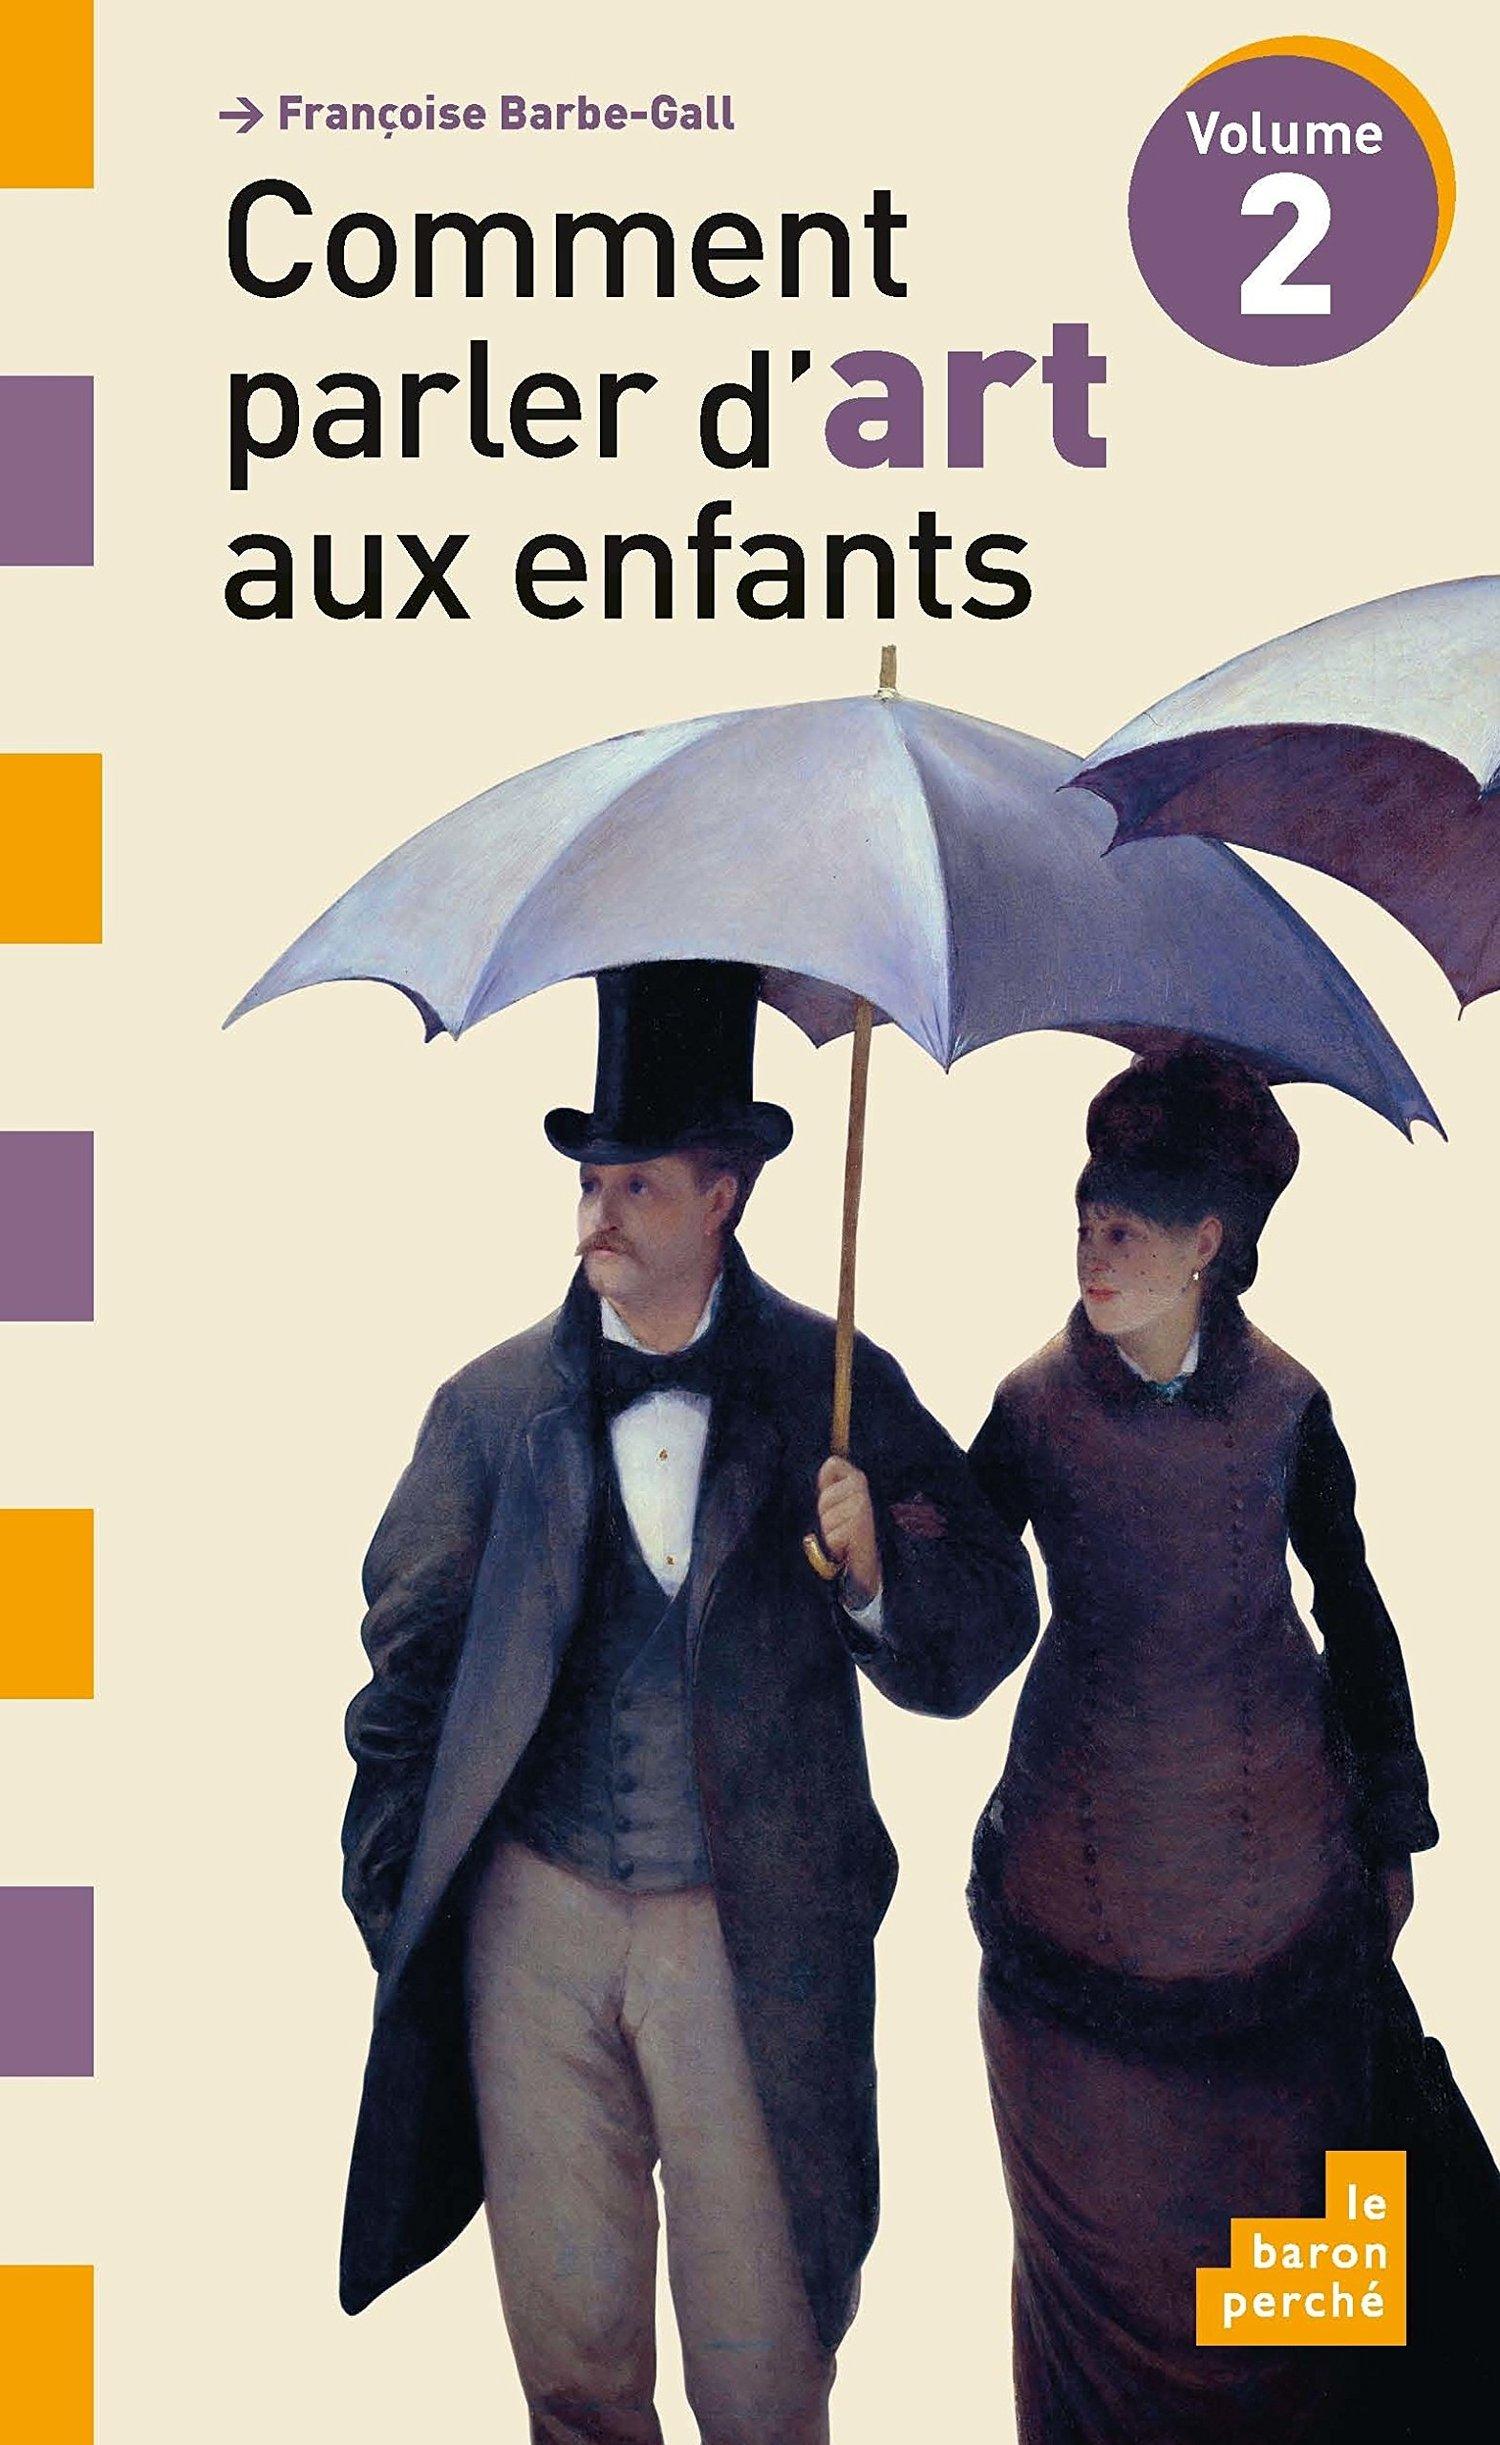 Image of  Comment parler d'art aux enfants tome 2 de Françoise Barbe-Gall